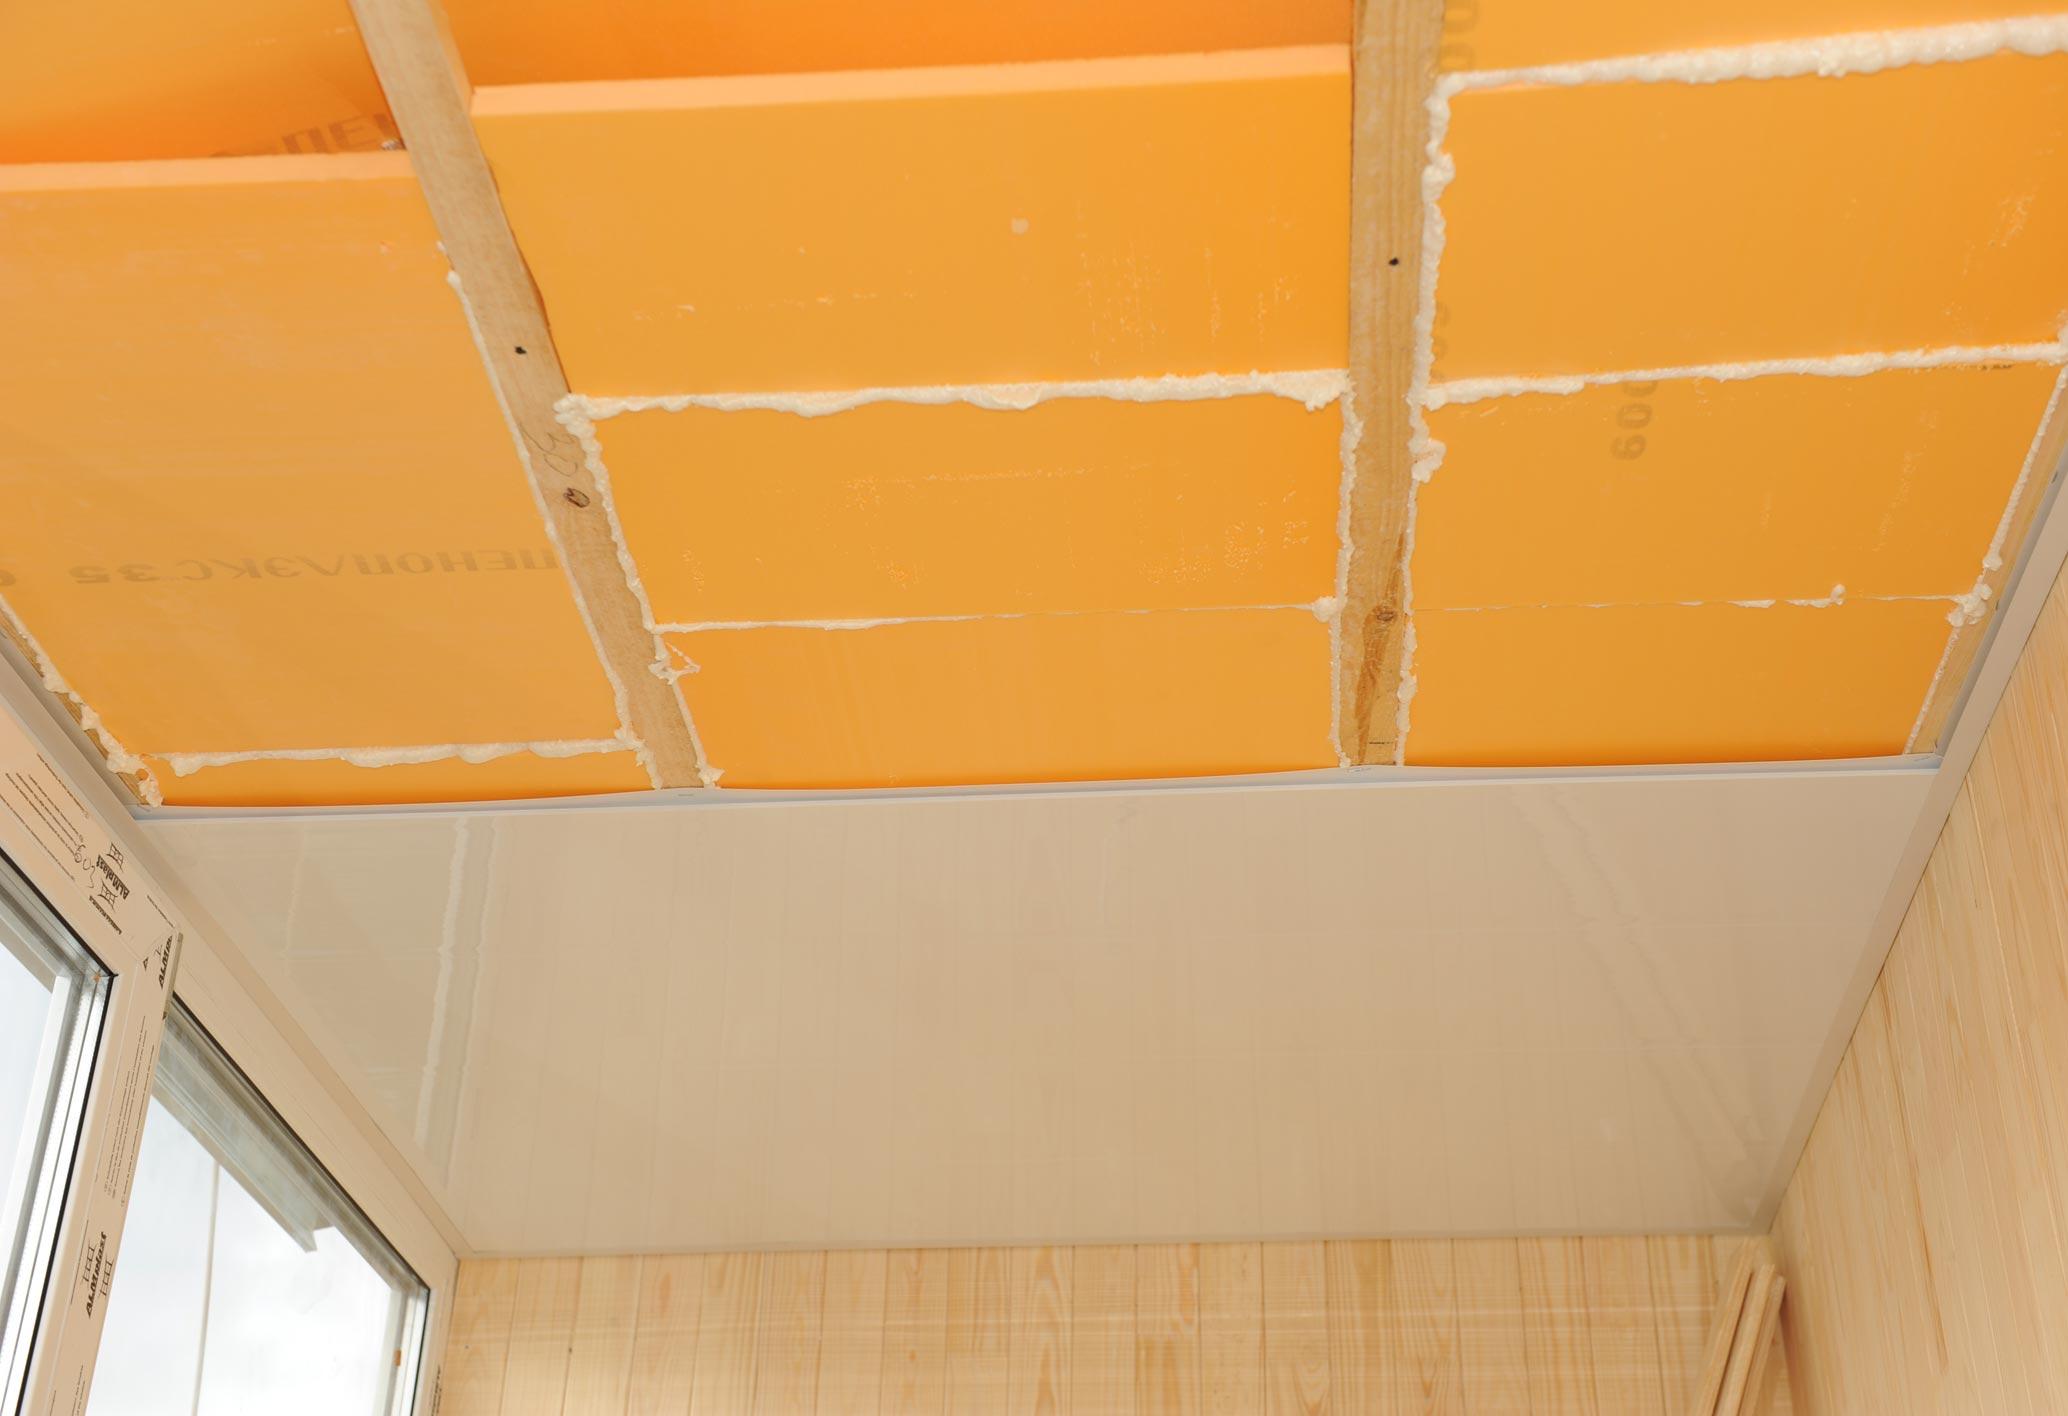 Quelle peinture pour faire un plafond toulon tarif - Peinture escalier castorama ...